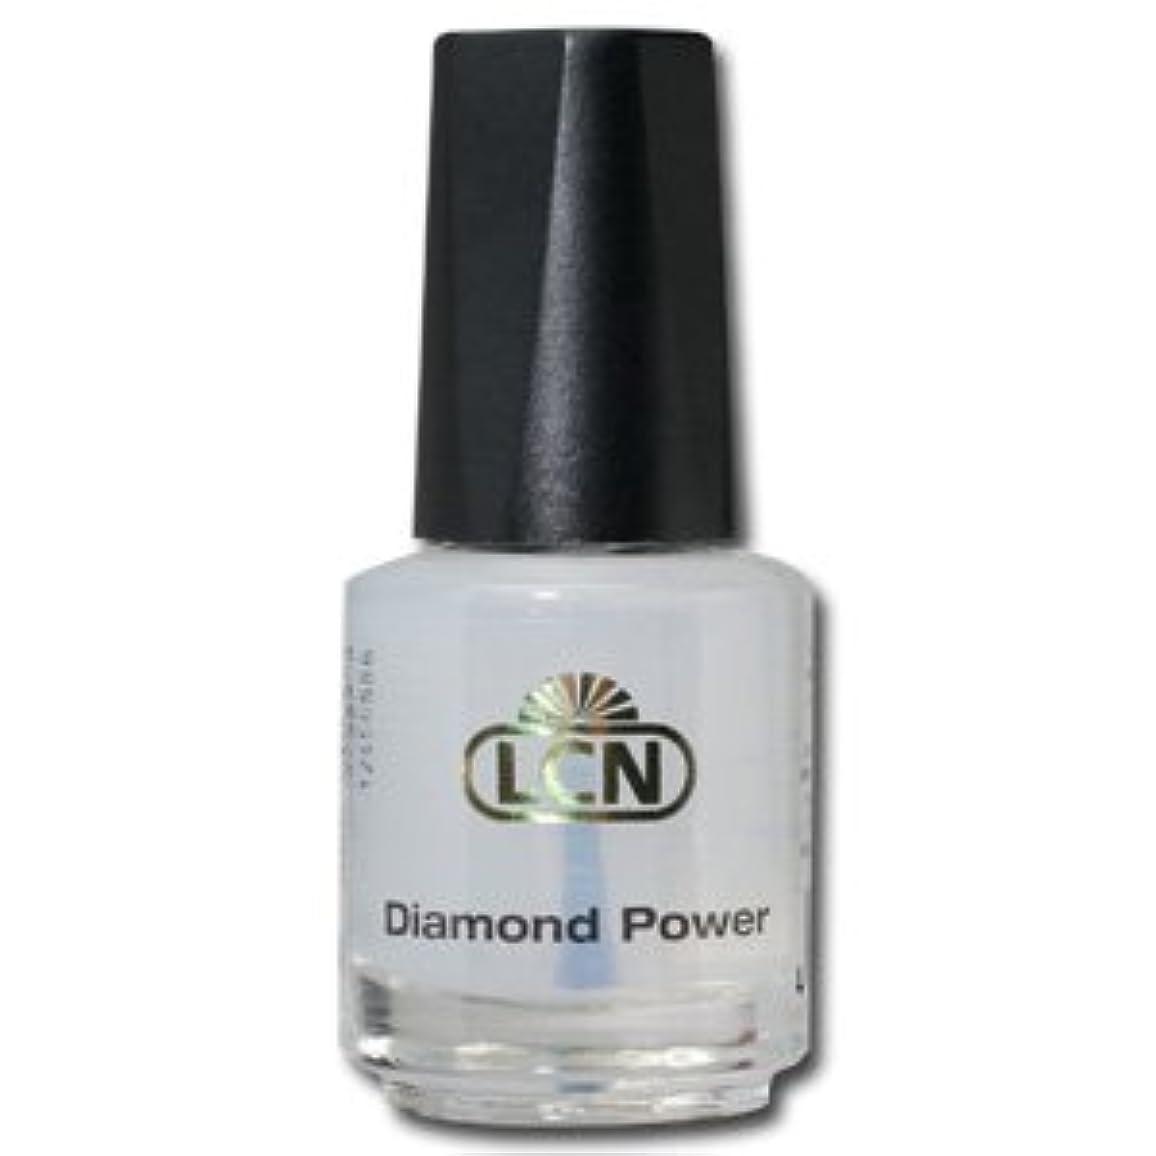 先のことを考える遠足割り込みLCN ダイヤモンドパワー 16ml